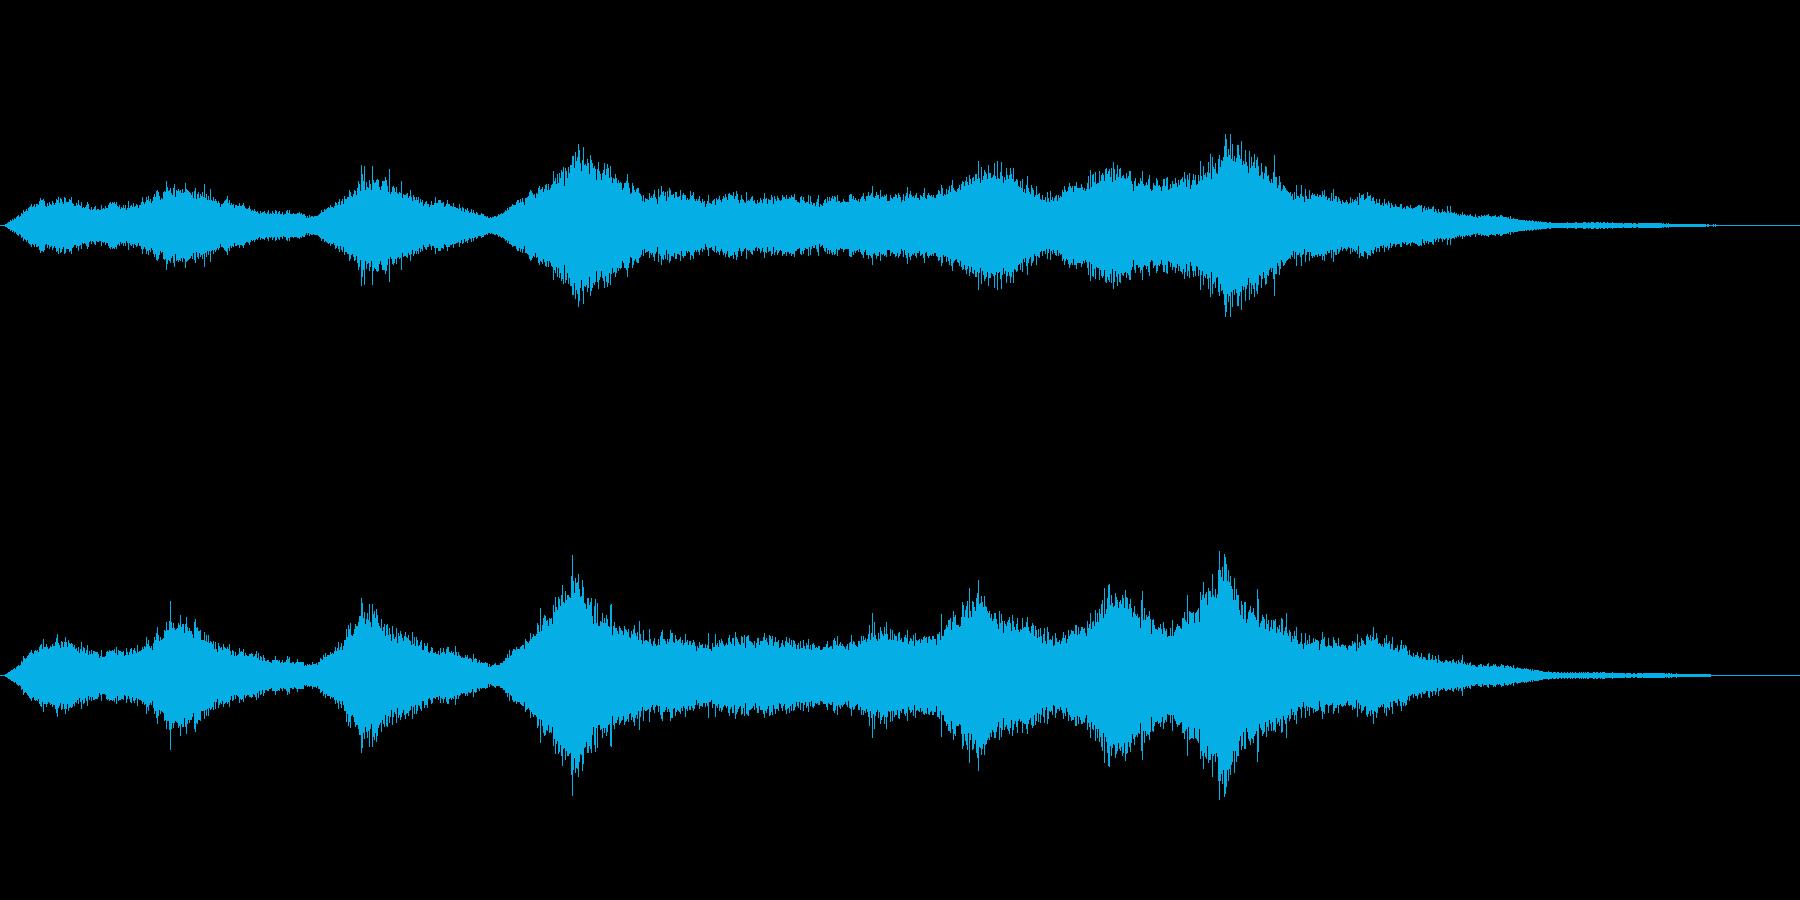 「ザザ〜ッ、シャ〜」大海原の中波のSEの再生済みの波形